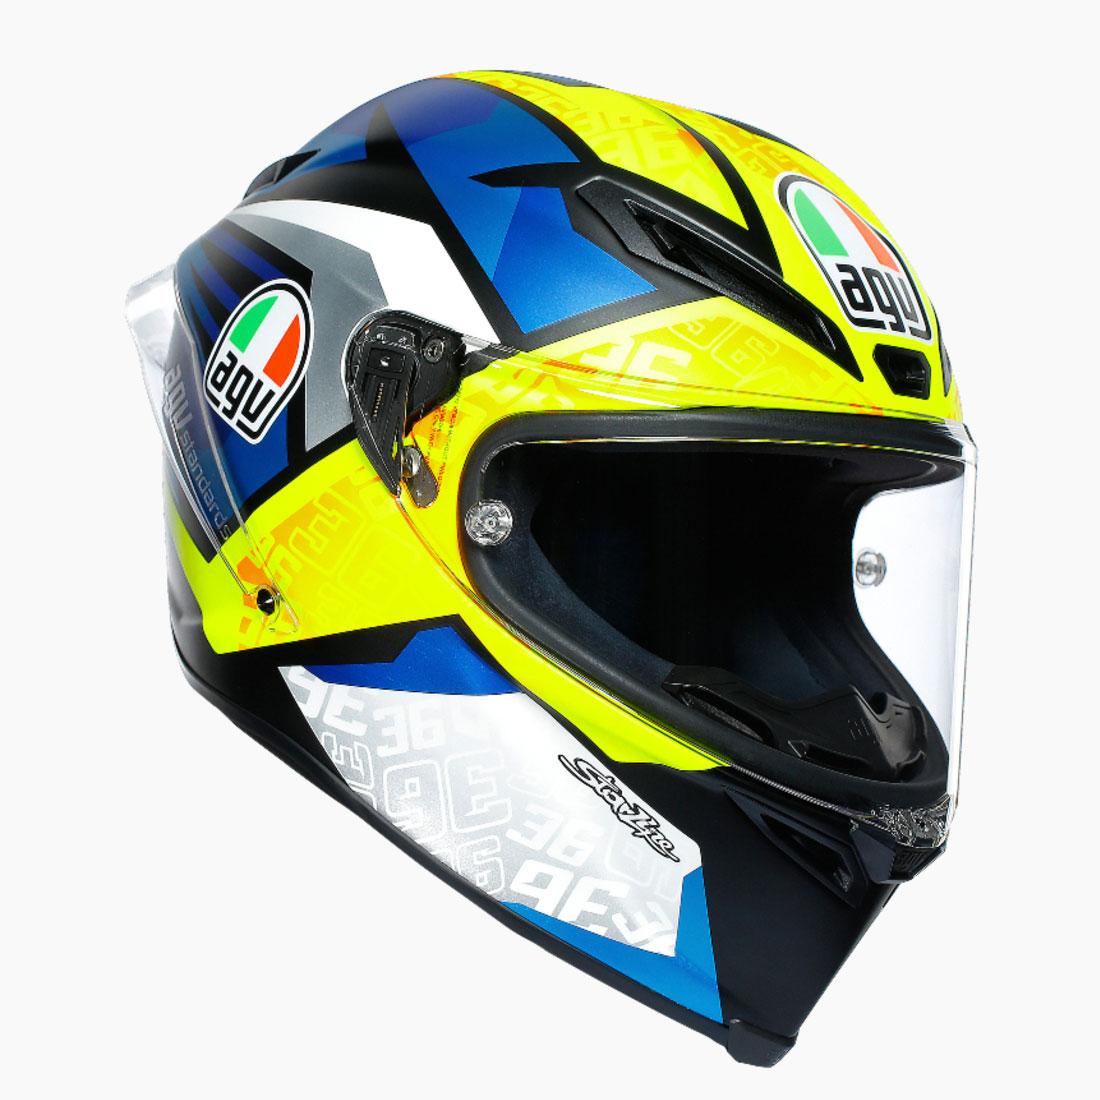 最安値挑戦! AGV(エージーブイ) バイク用ヘルメット フルフェイス R) CORSA R (コルサ R) バイク用ヘルメット MIR 2019 2019 (ミル 2019) M (57-58cm) 612191HY010-M, ブティック エクロール:f4517d98 --- kventurepartners.sakura.ne.jp